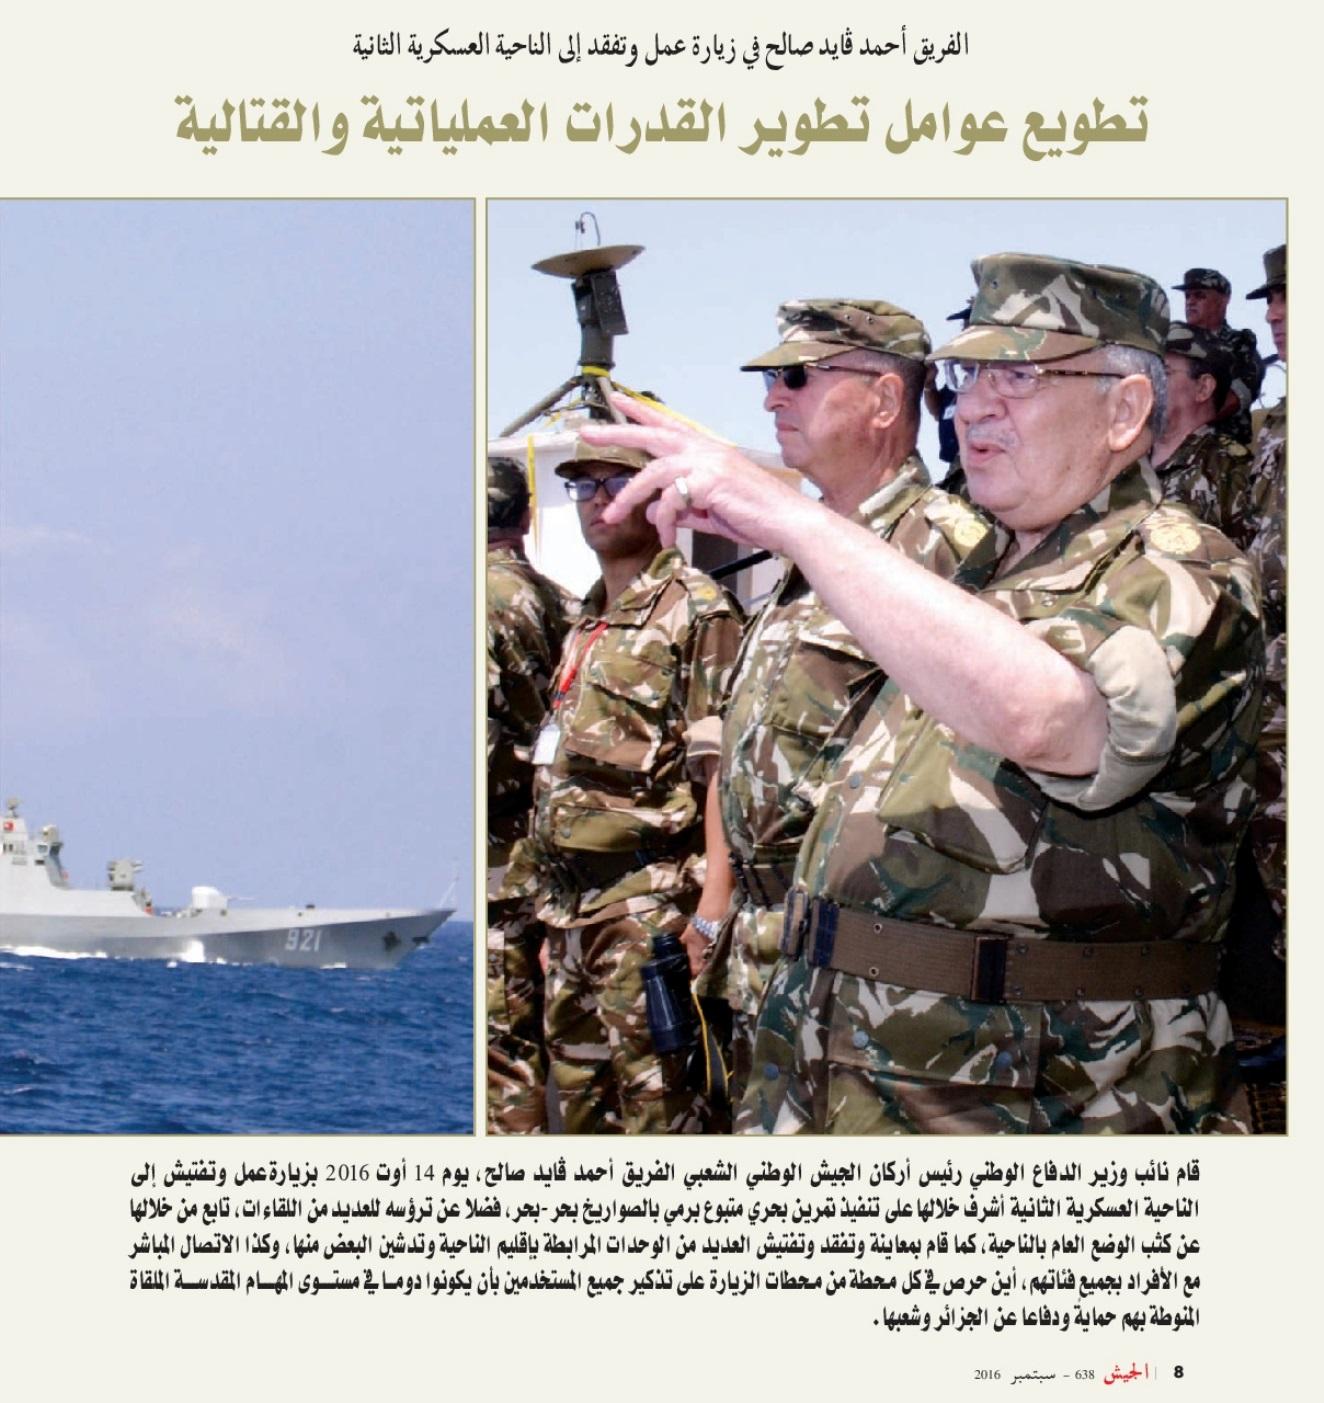 81975b8b1b16e المناورات والتدريبات الجيش الوطني الشعبي الجزائري   l ANP   - صفحة 8  30402642354 bbcf1d5d6f o